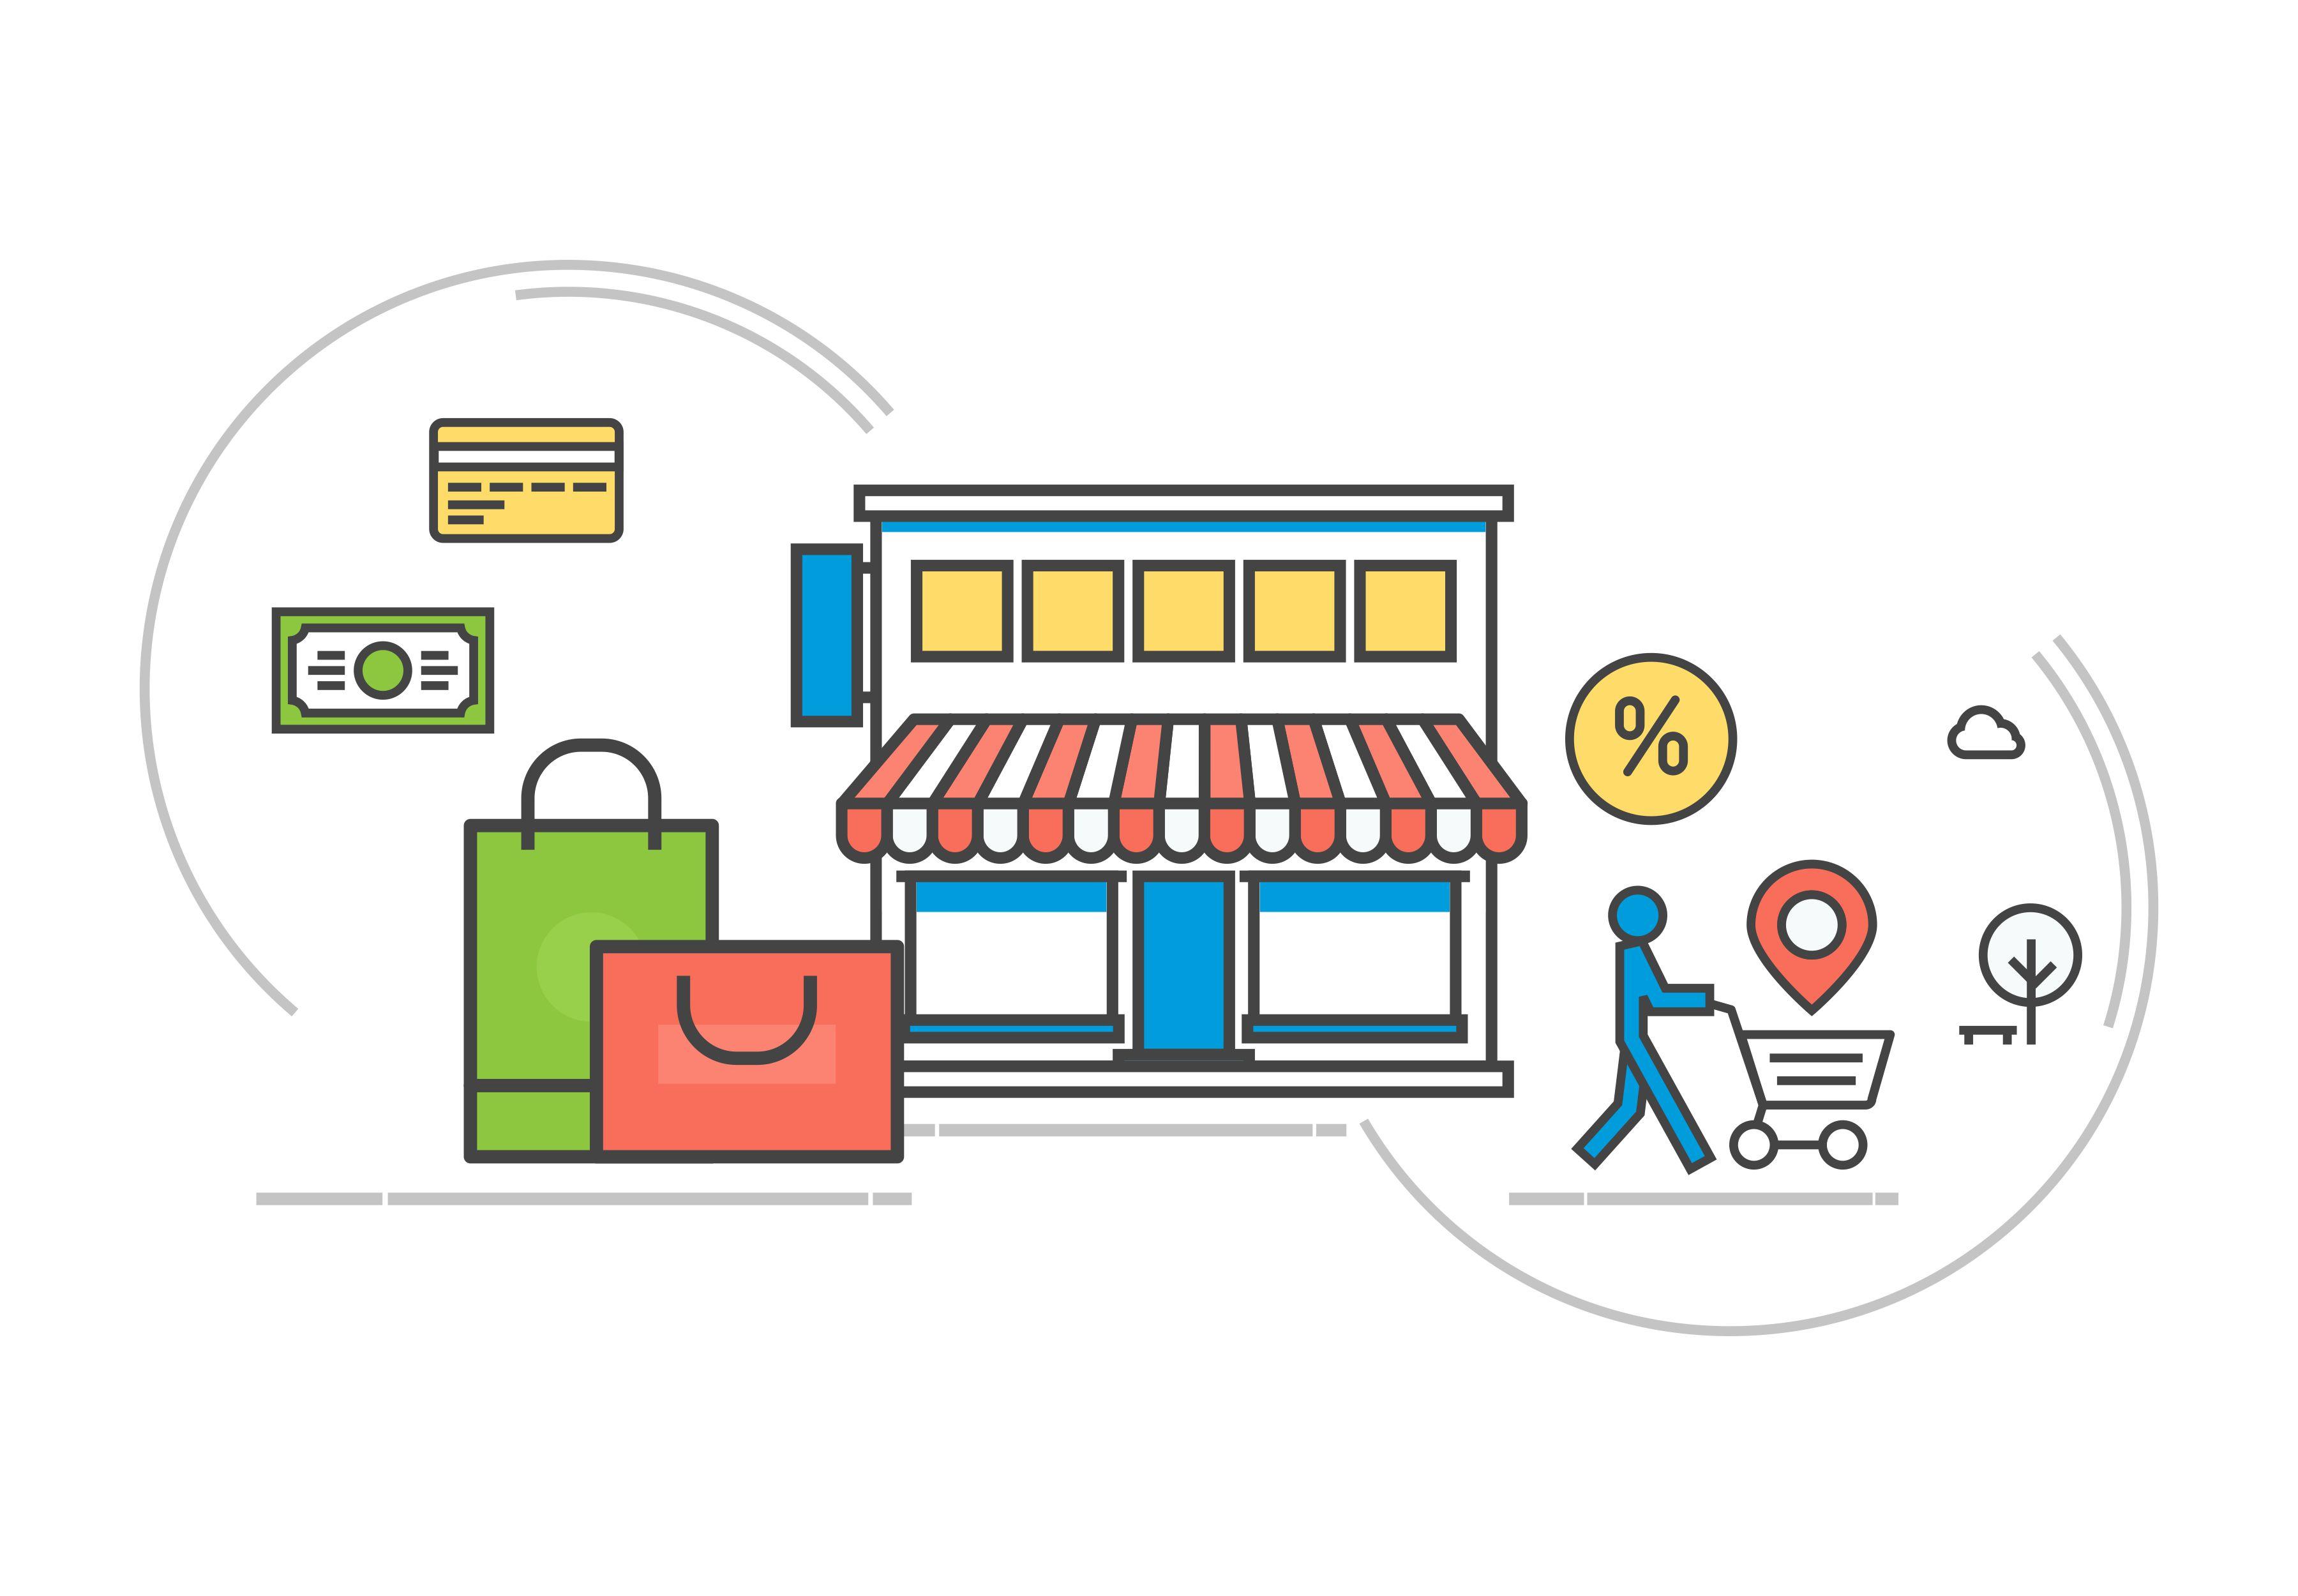 Kinh doanh bán lẻ là gì? Bí quyết thành công trong kinh doanh bán lẻ -  WEBICO BLOG